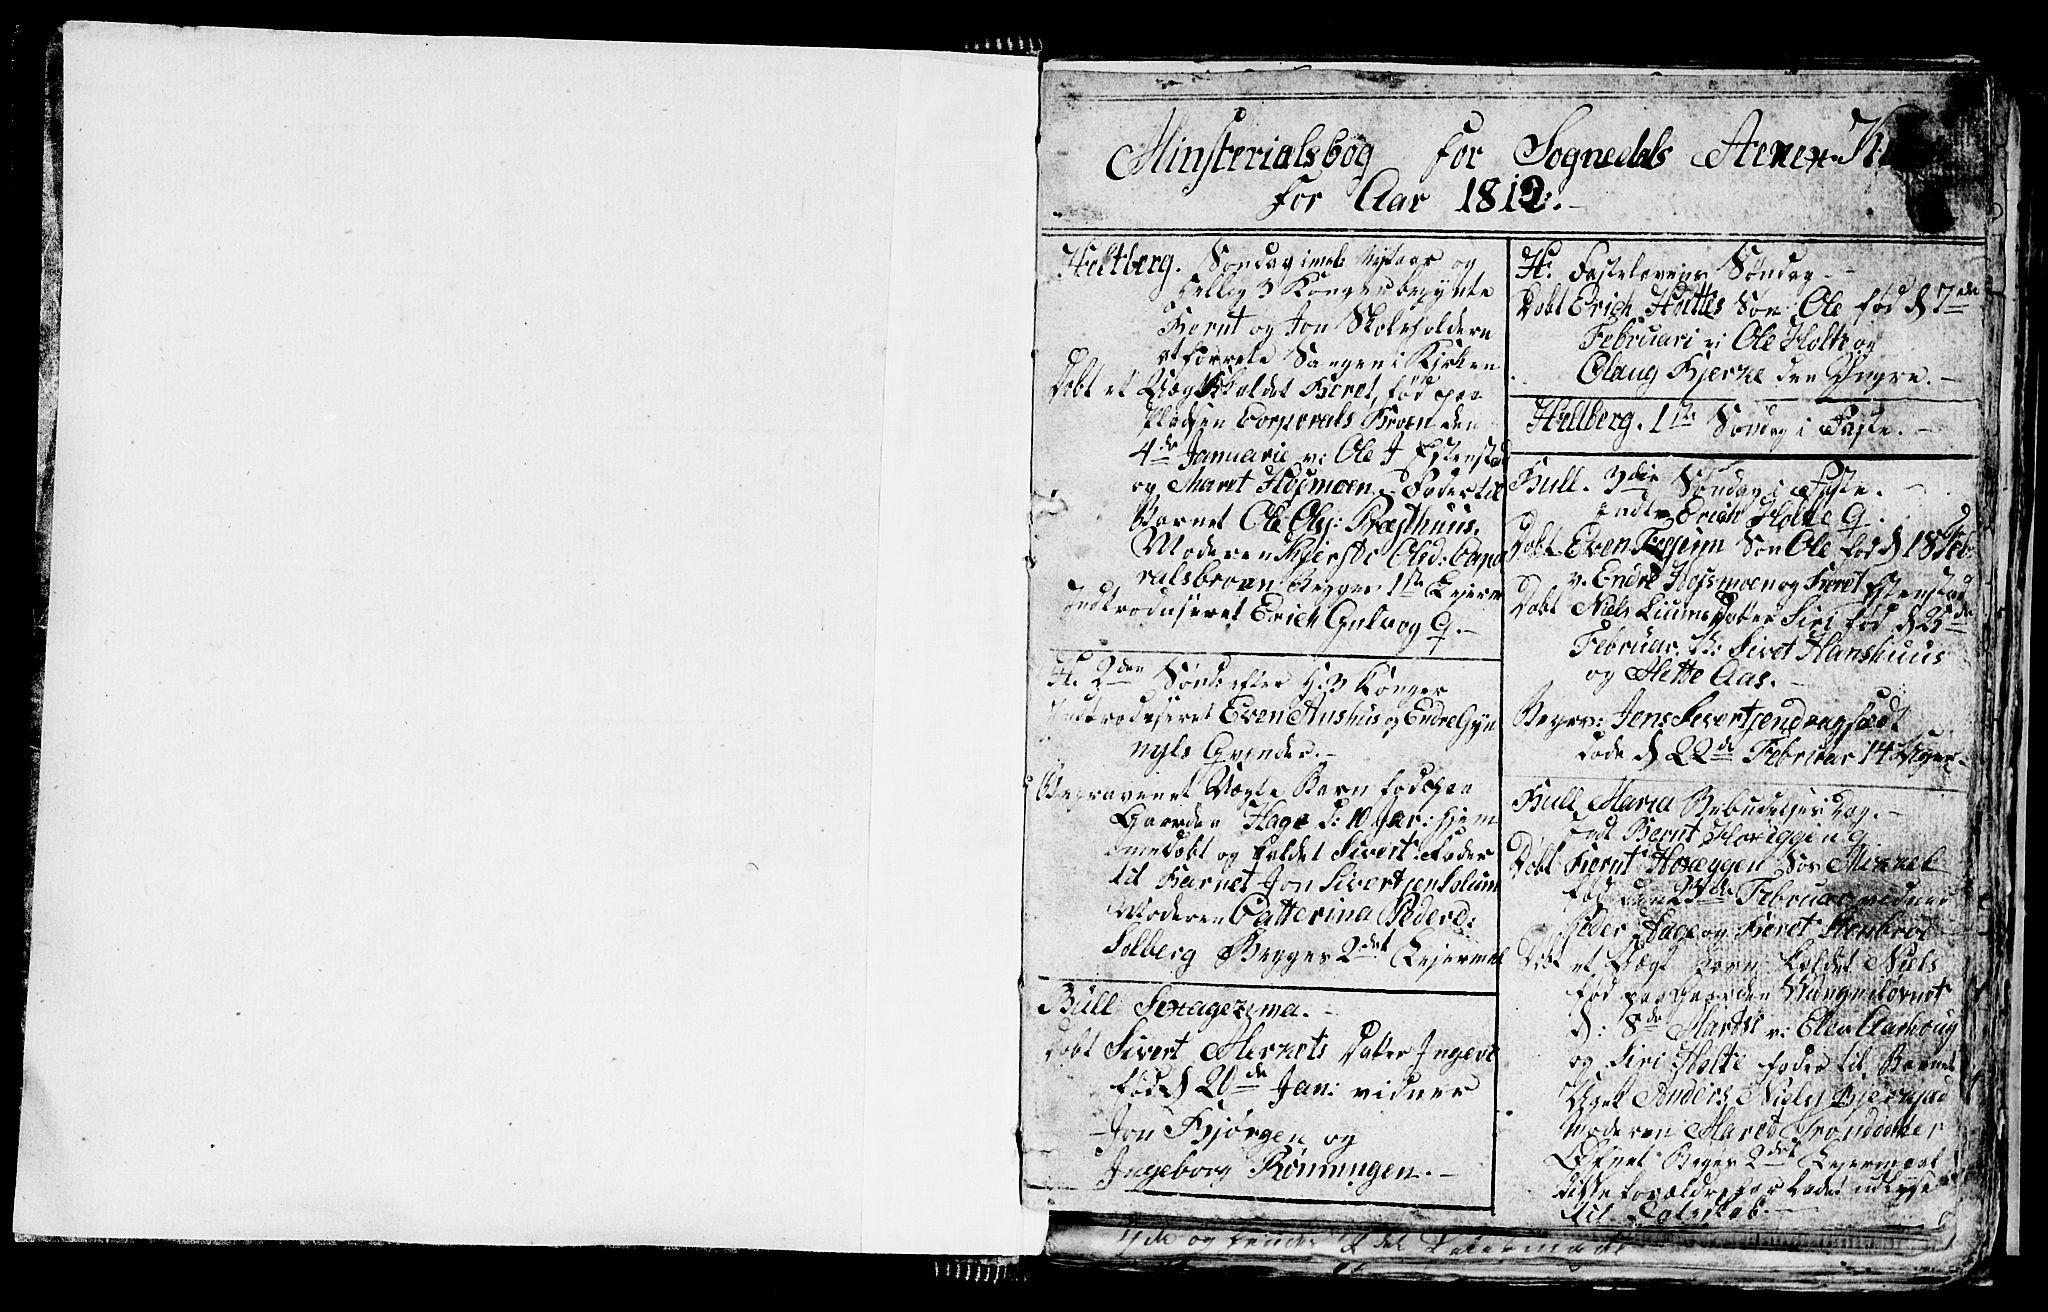 SAT, Ministerialprotokoller, klokkerbøker og fødselsregistre - Sør-Trøndelag, 689/L1042: Klokkerbok nr. 689C01, 1812-1841, s. 0-1